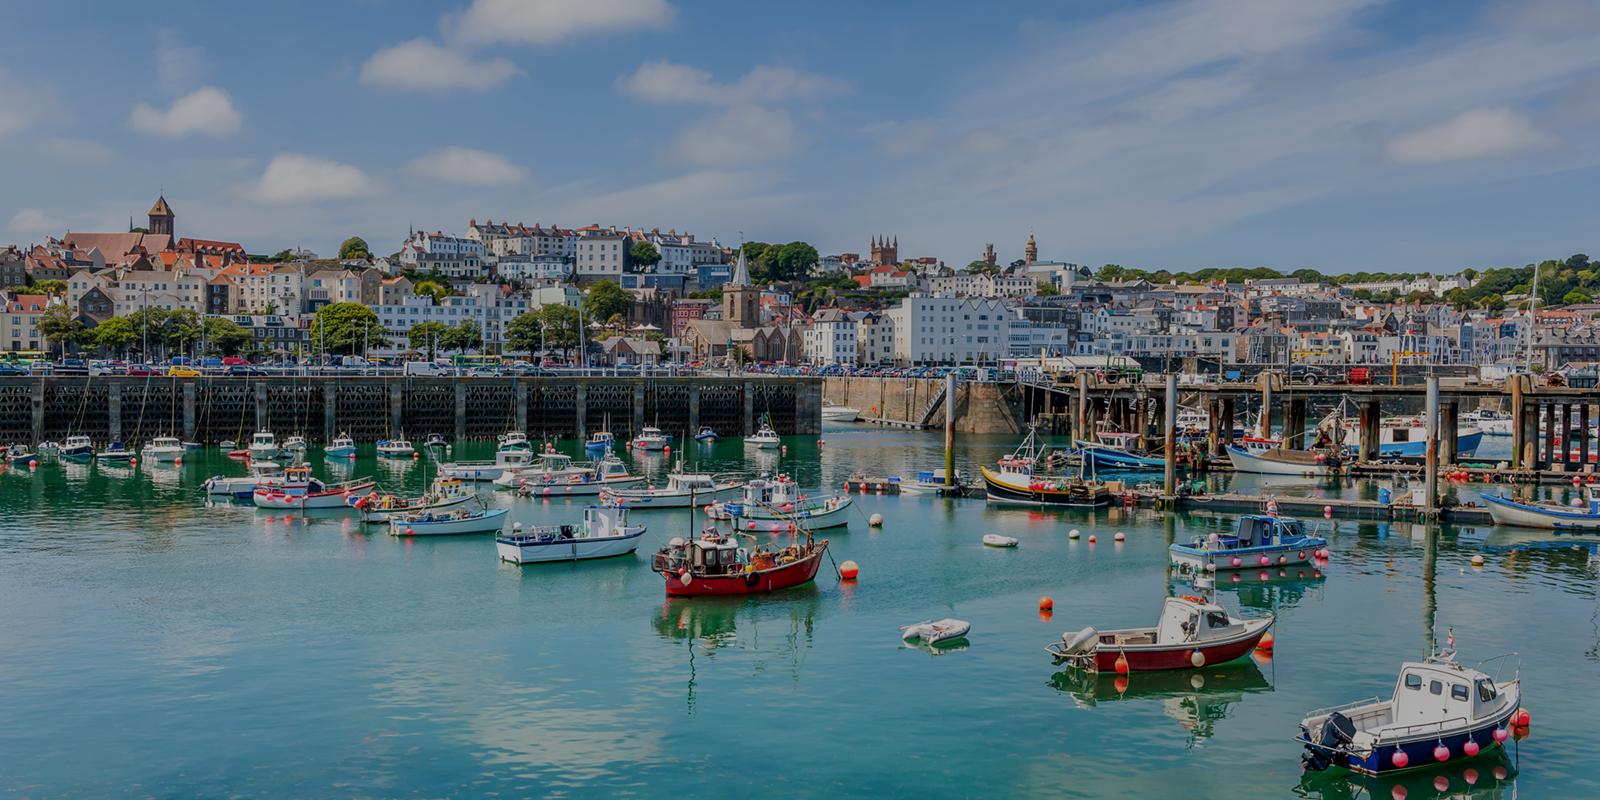 Guernseytä